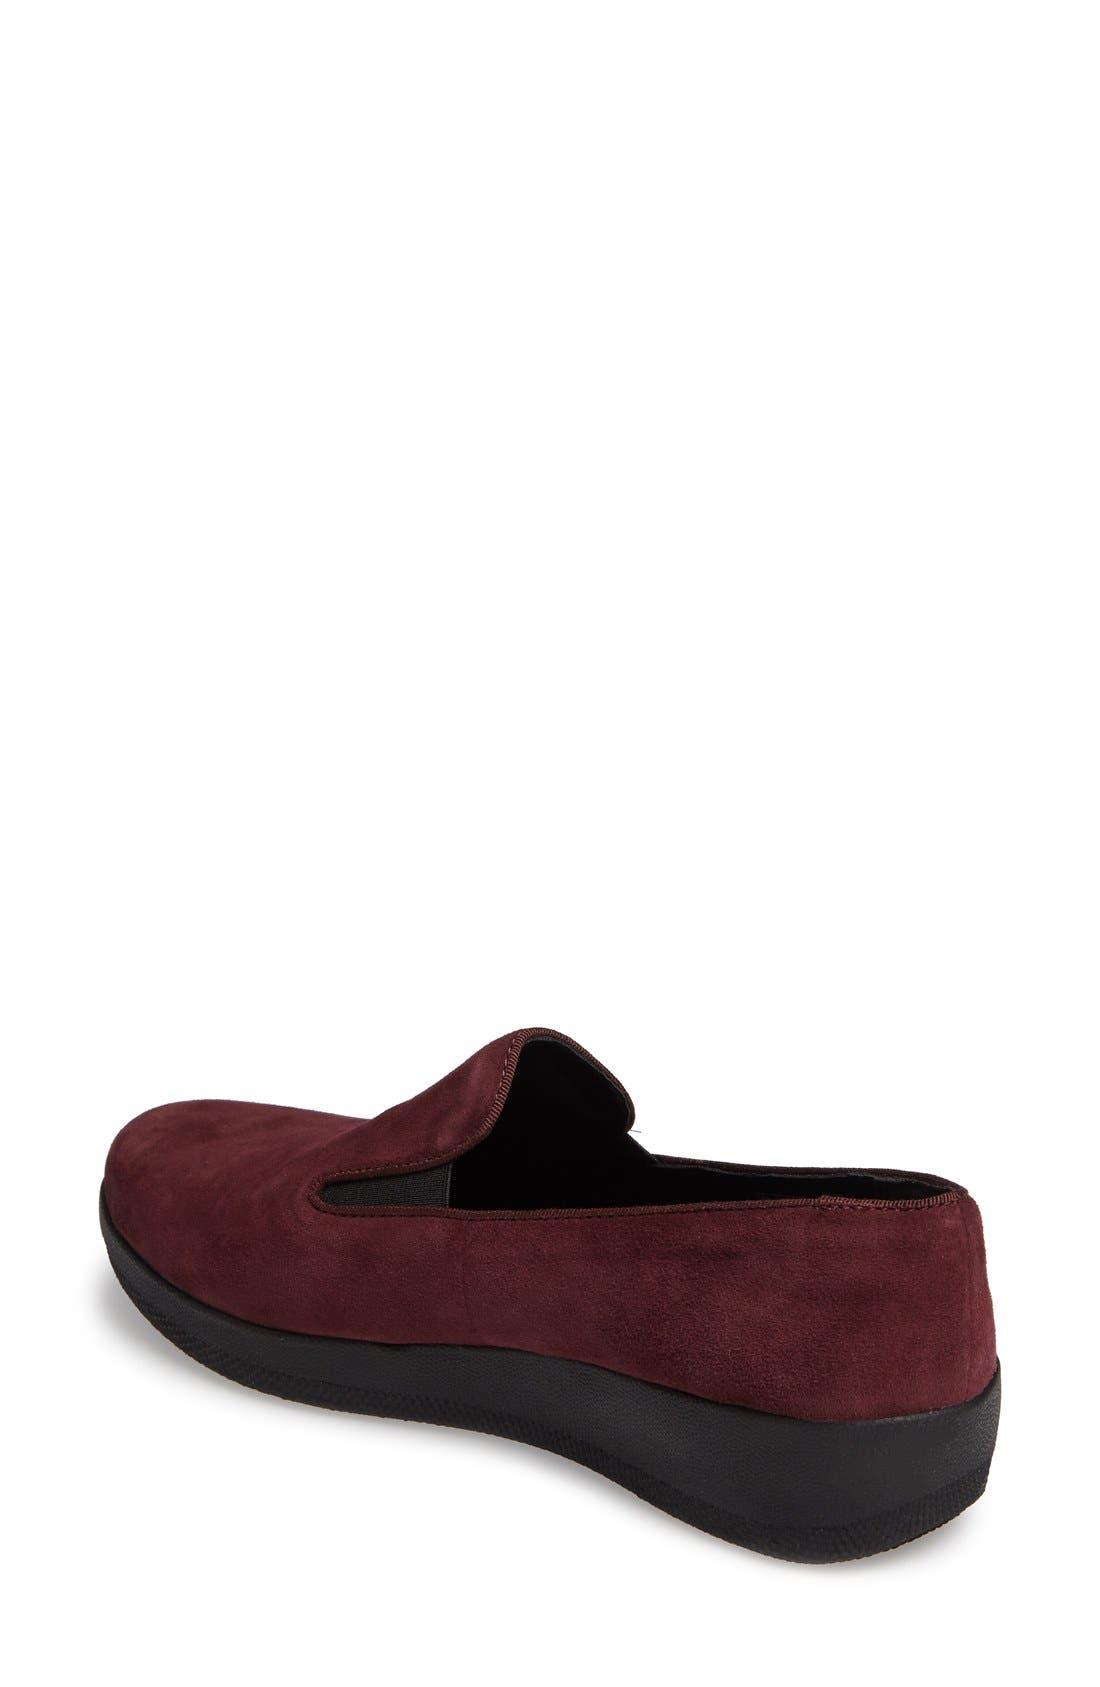 Superskate Slip-On Sneaker,                             Alternate thumbnail 93, color,